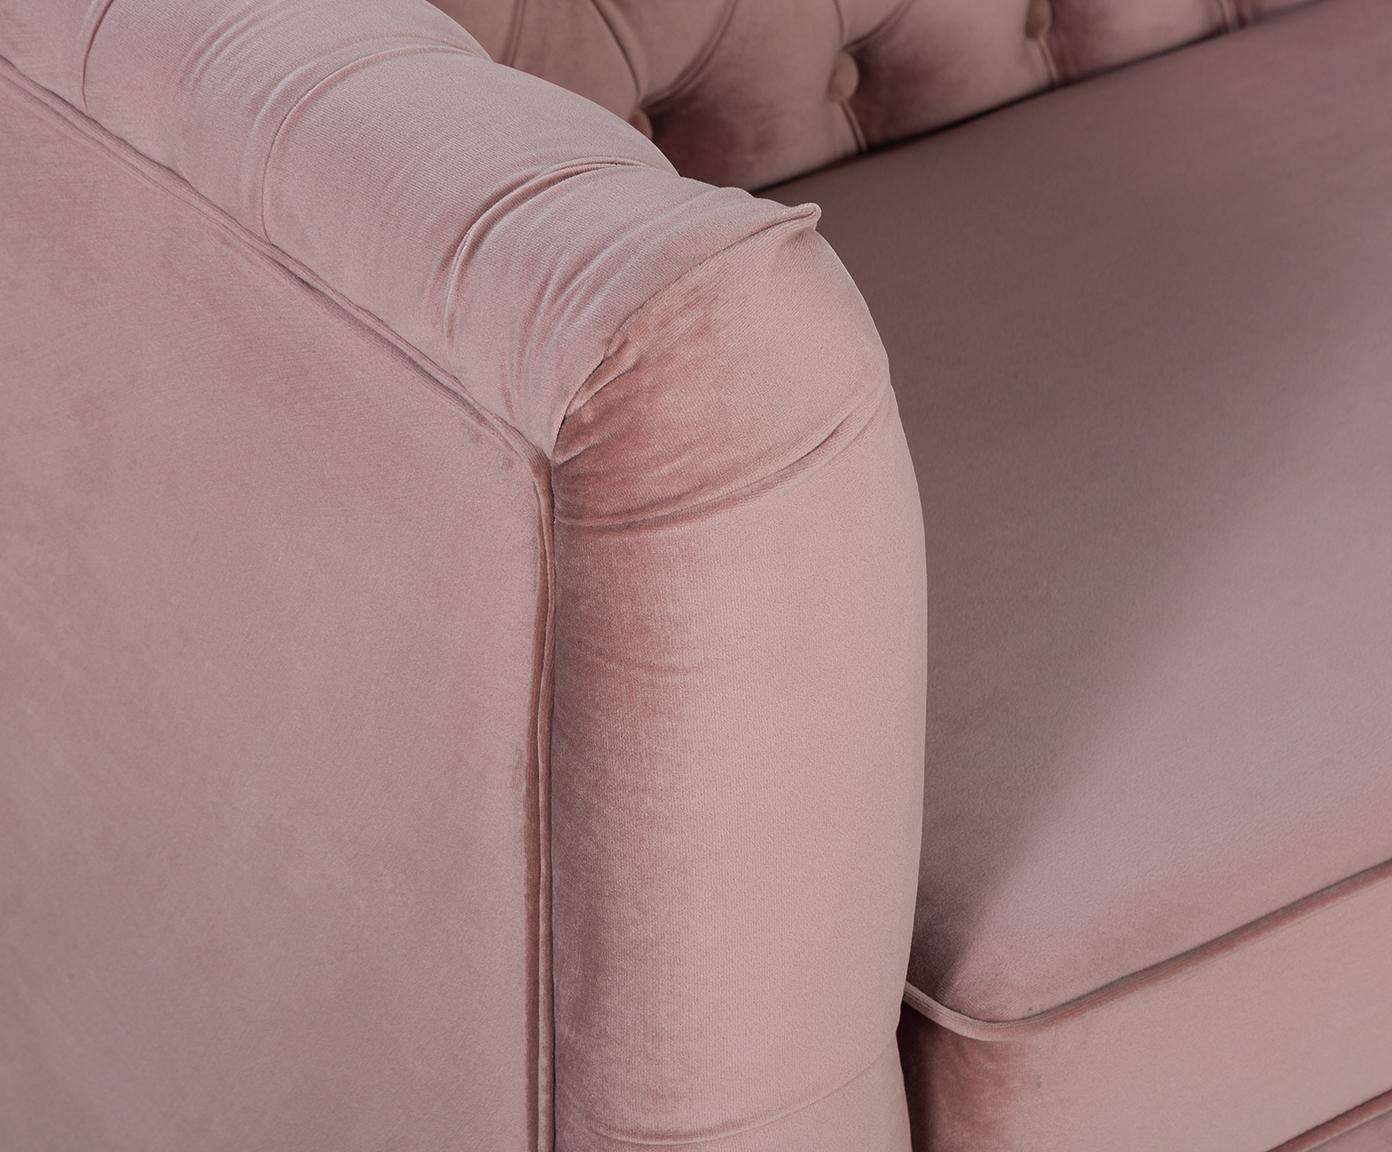 Divano Chesterfield 2 posti in velluto rosa Chiara, Rivestimento: velluto (poliestere) 20.0, Struttura: legno di betulla massicci, Piedini: metallo, zincato, Velluto rosa, Larg. 170 x Prof. 72 cm